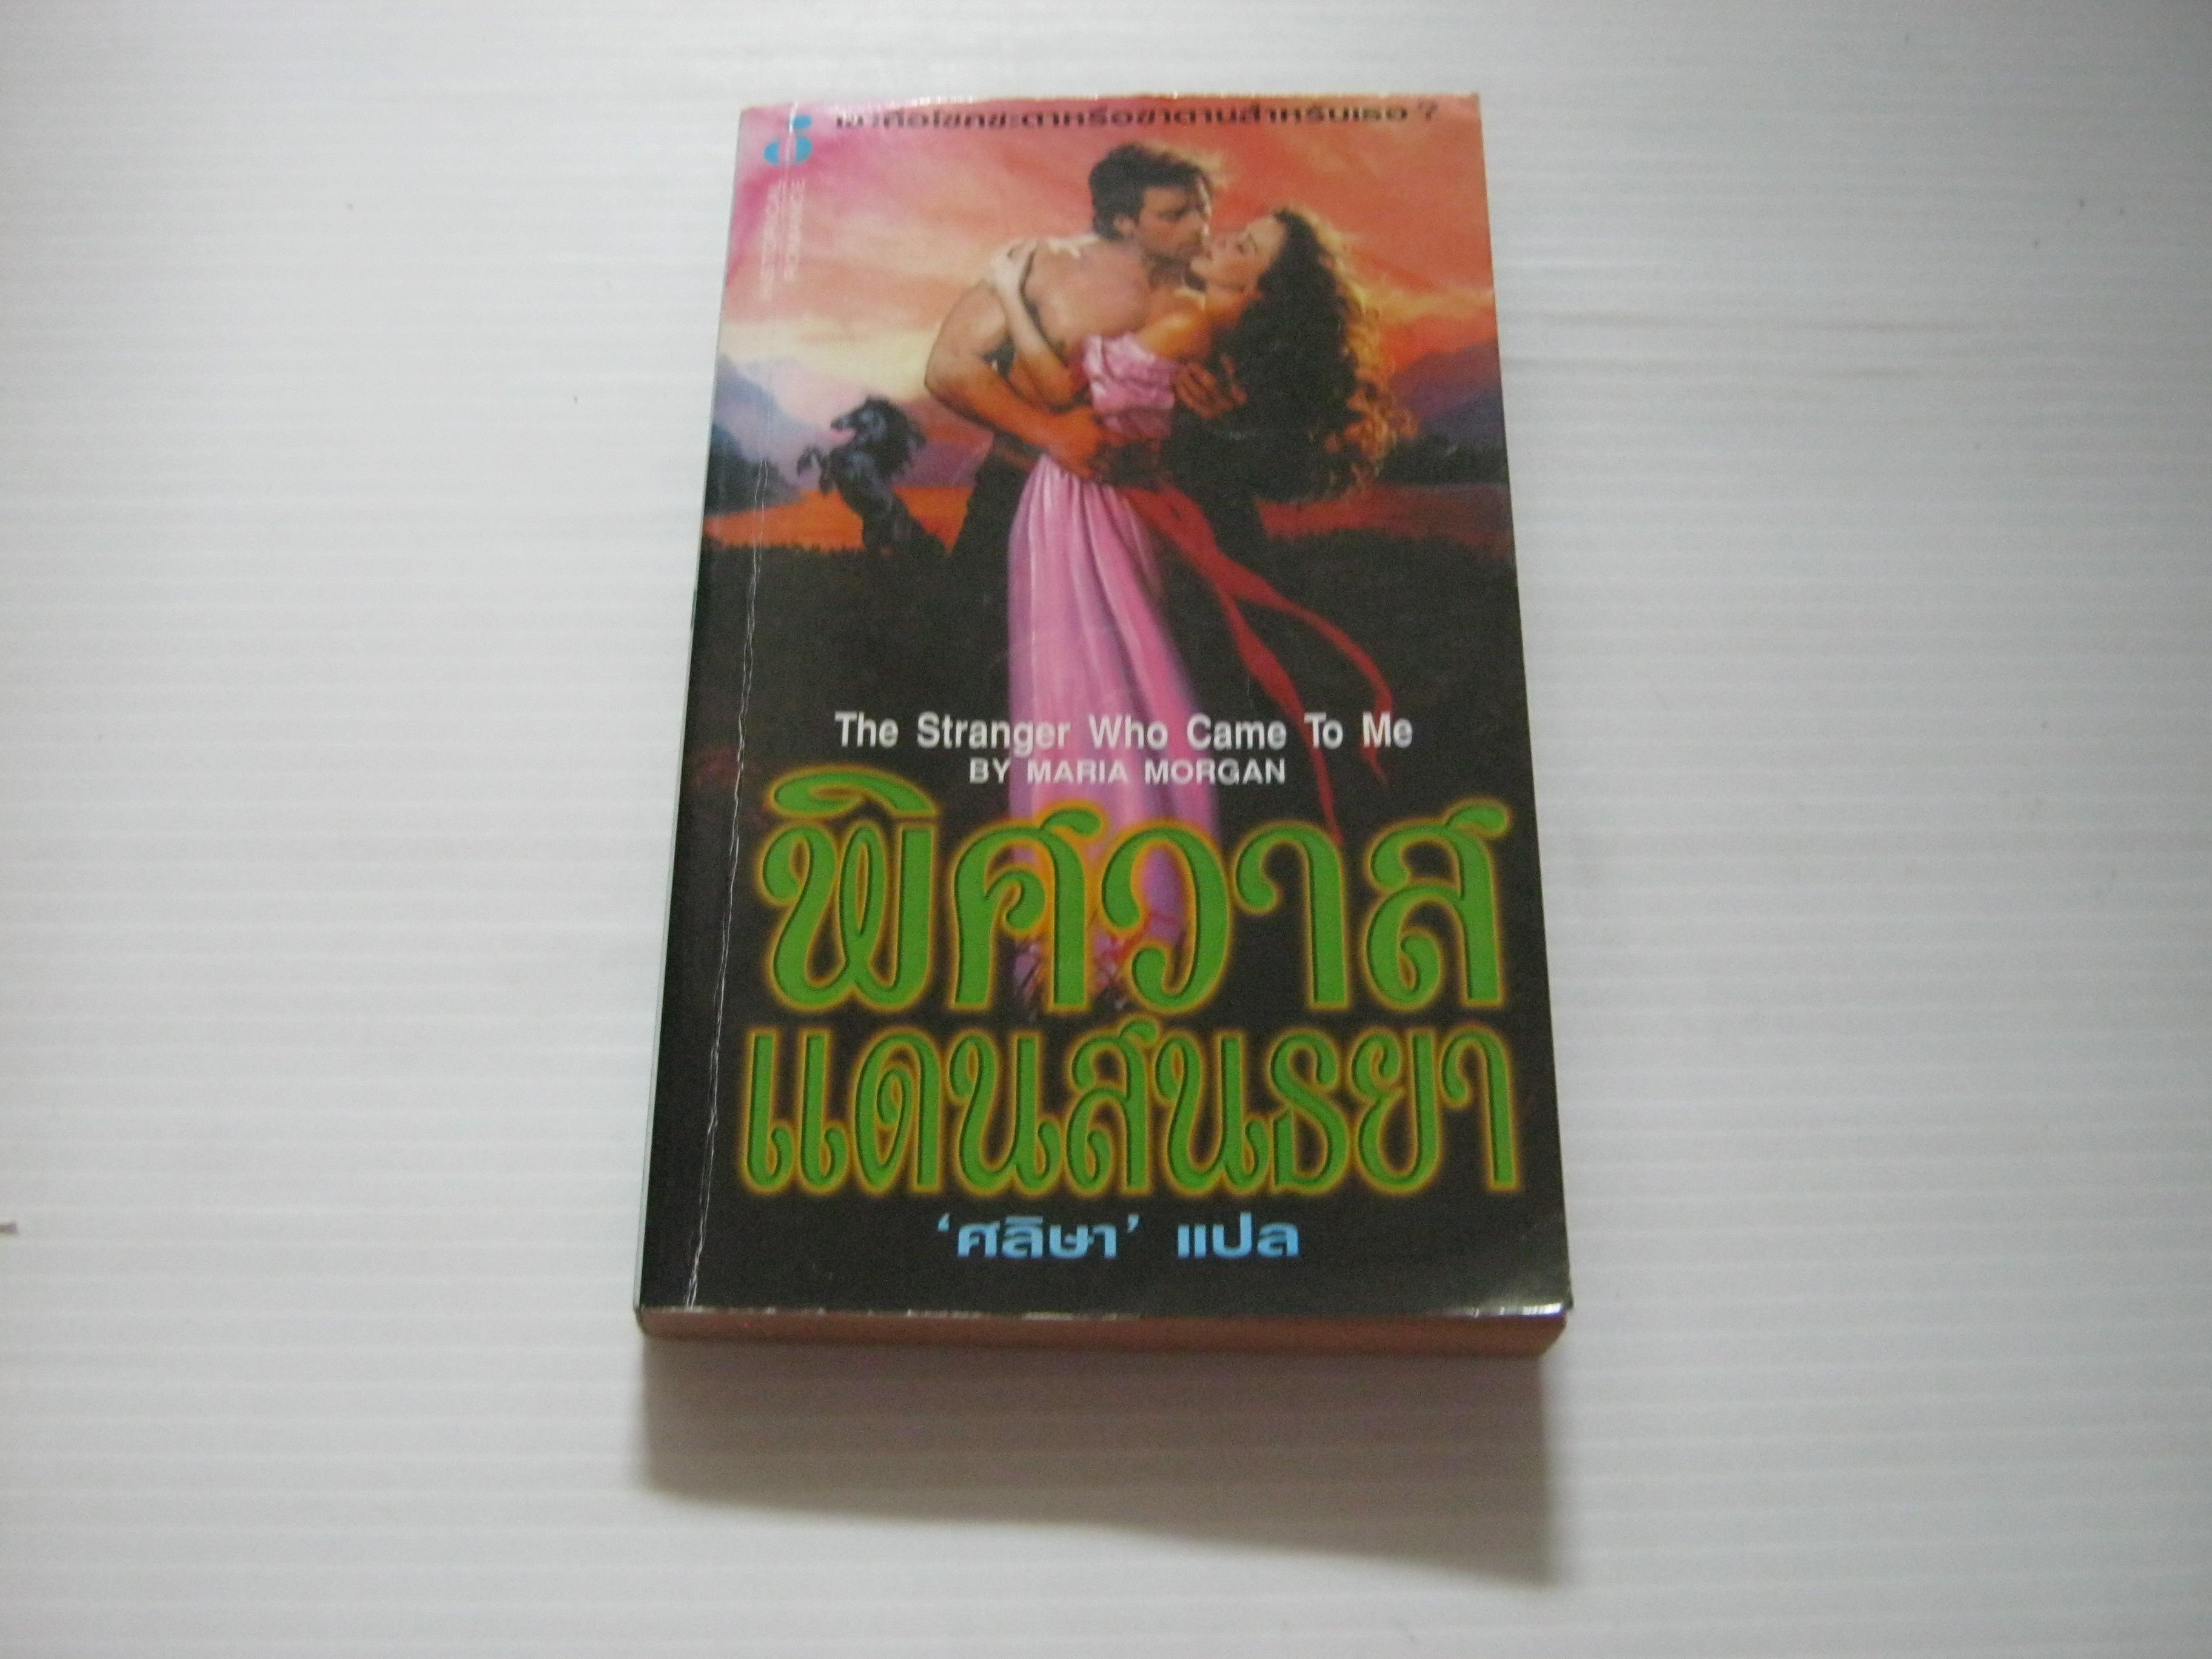 พิศวาสแดนสนธยา (The Stranger Who Came To Me) Maria Morgan เขียน ศลิษา แปล